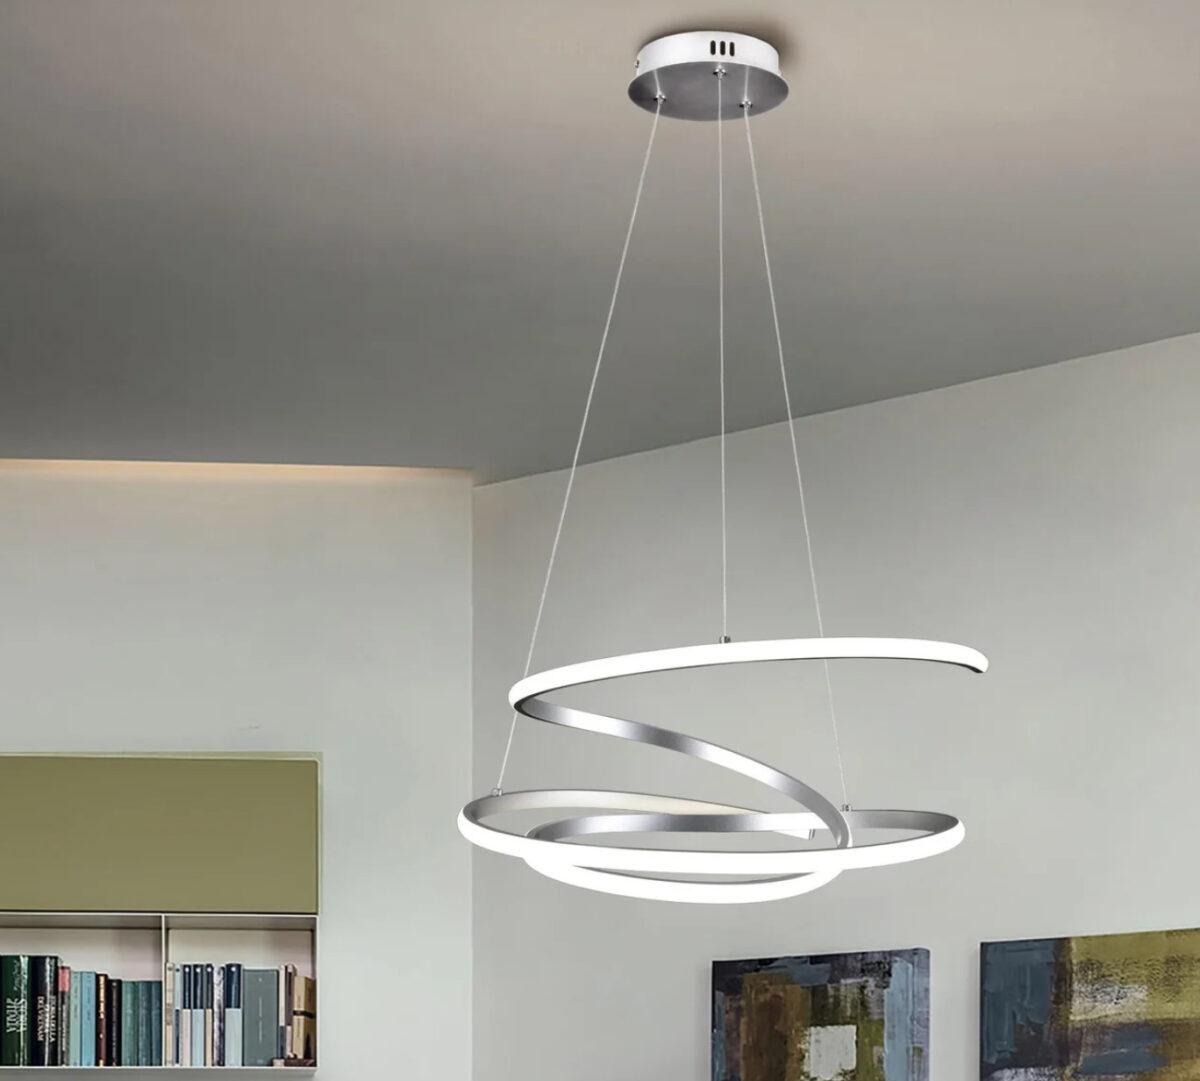 camera-da-letto-moderna-come-scegliere-l-illuminazione-31